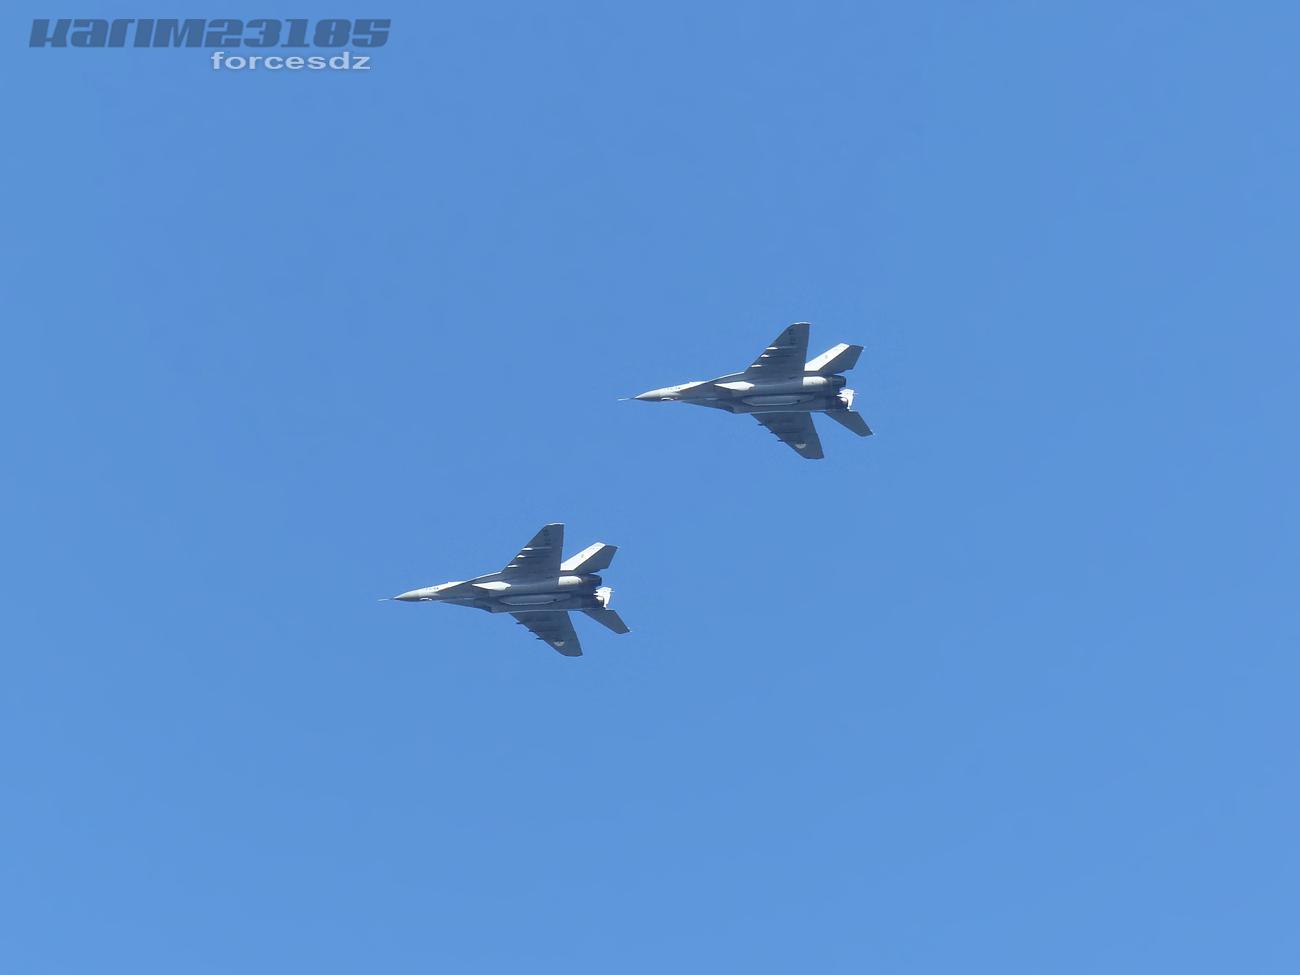 صور طائرات القوات الجوية الجزائرية  [ MIG-29S/UB / Fulcrum ] 5